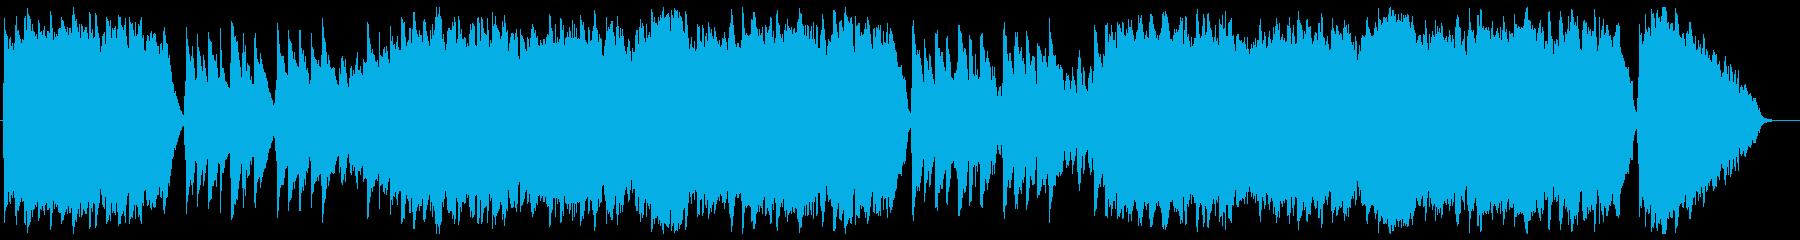 オーラ・リー(ラブ・ミー・テンダー原曲)の再生済みの波形